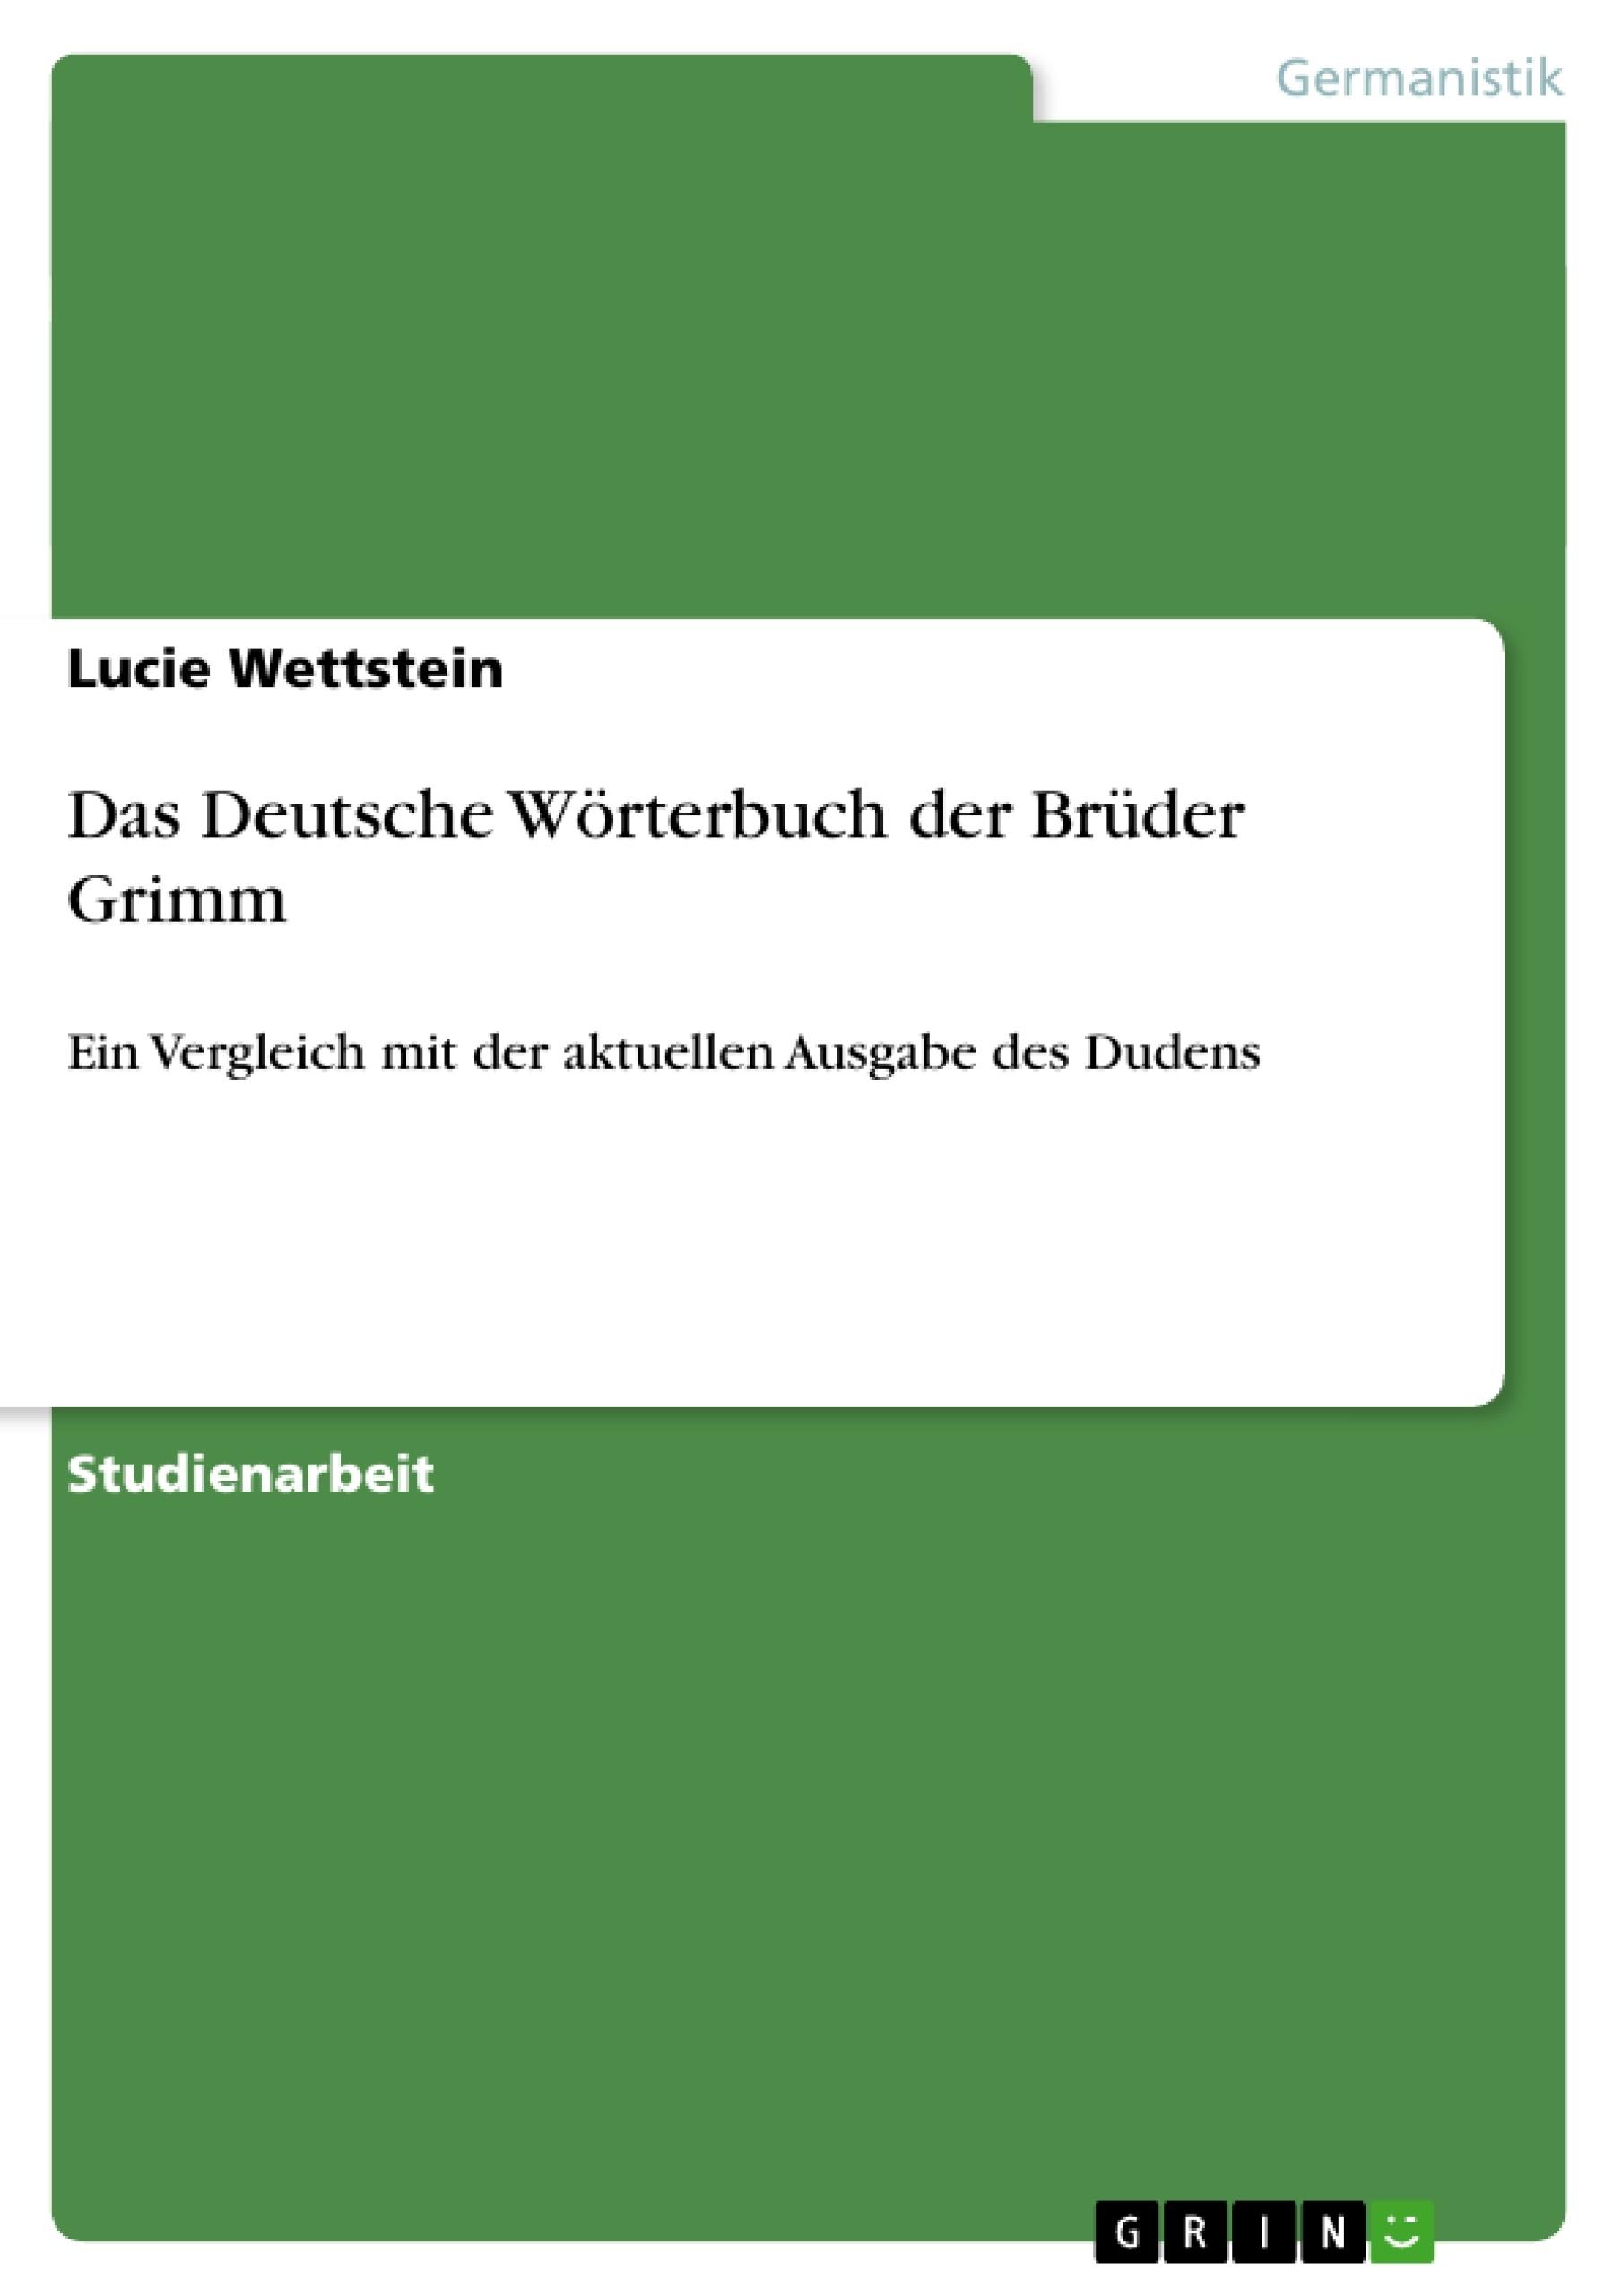 Titel: Das Deutsche Wörterbuch der Brüder Grimm